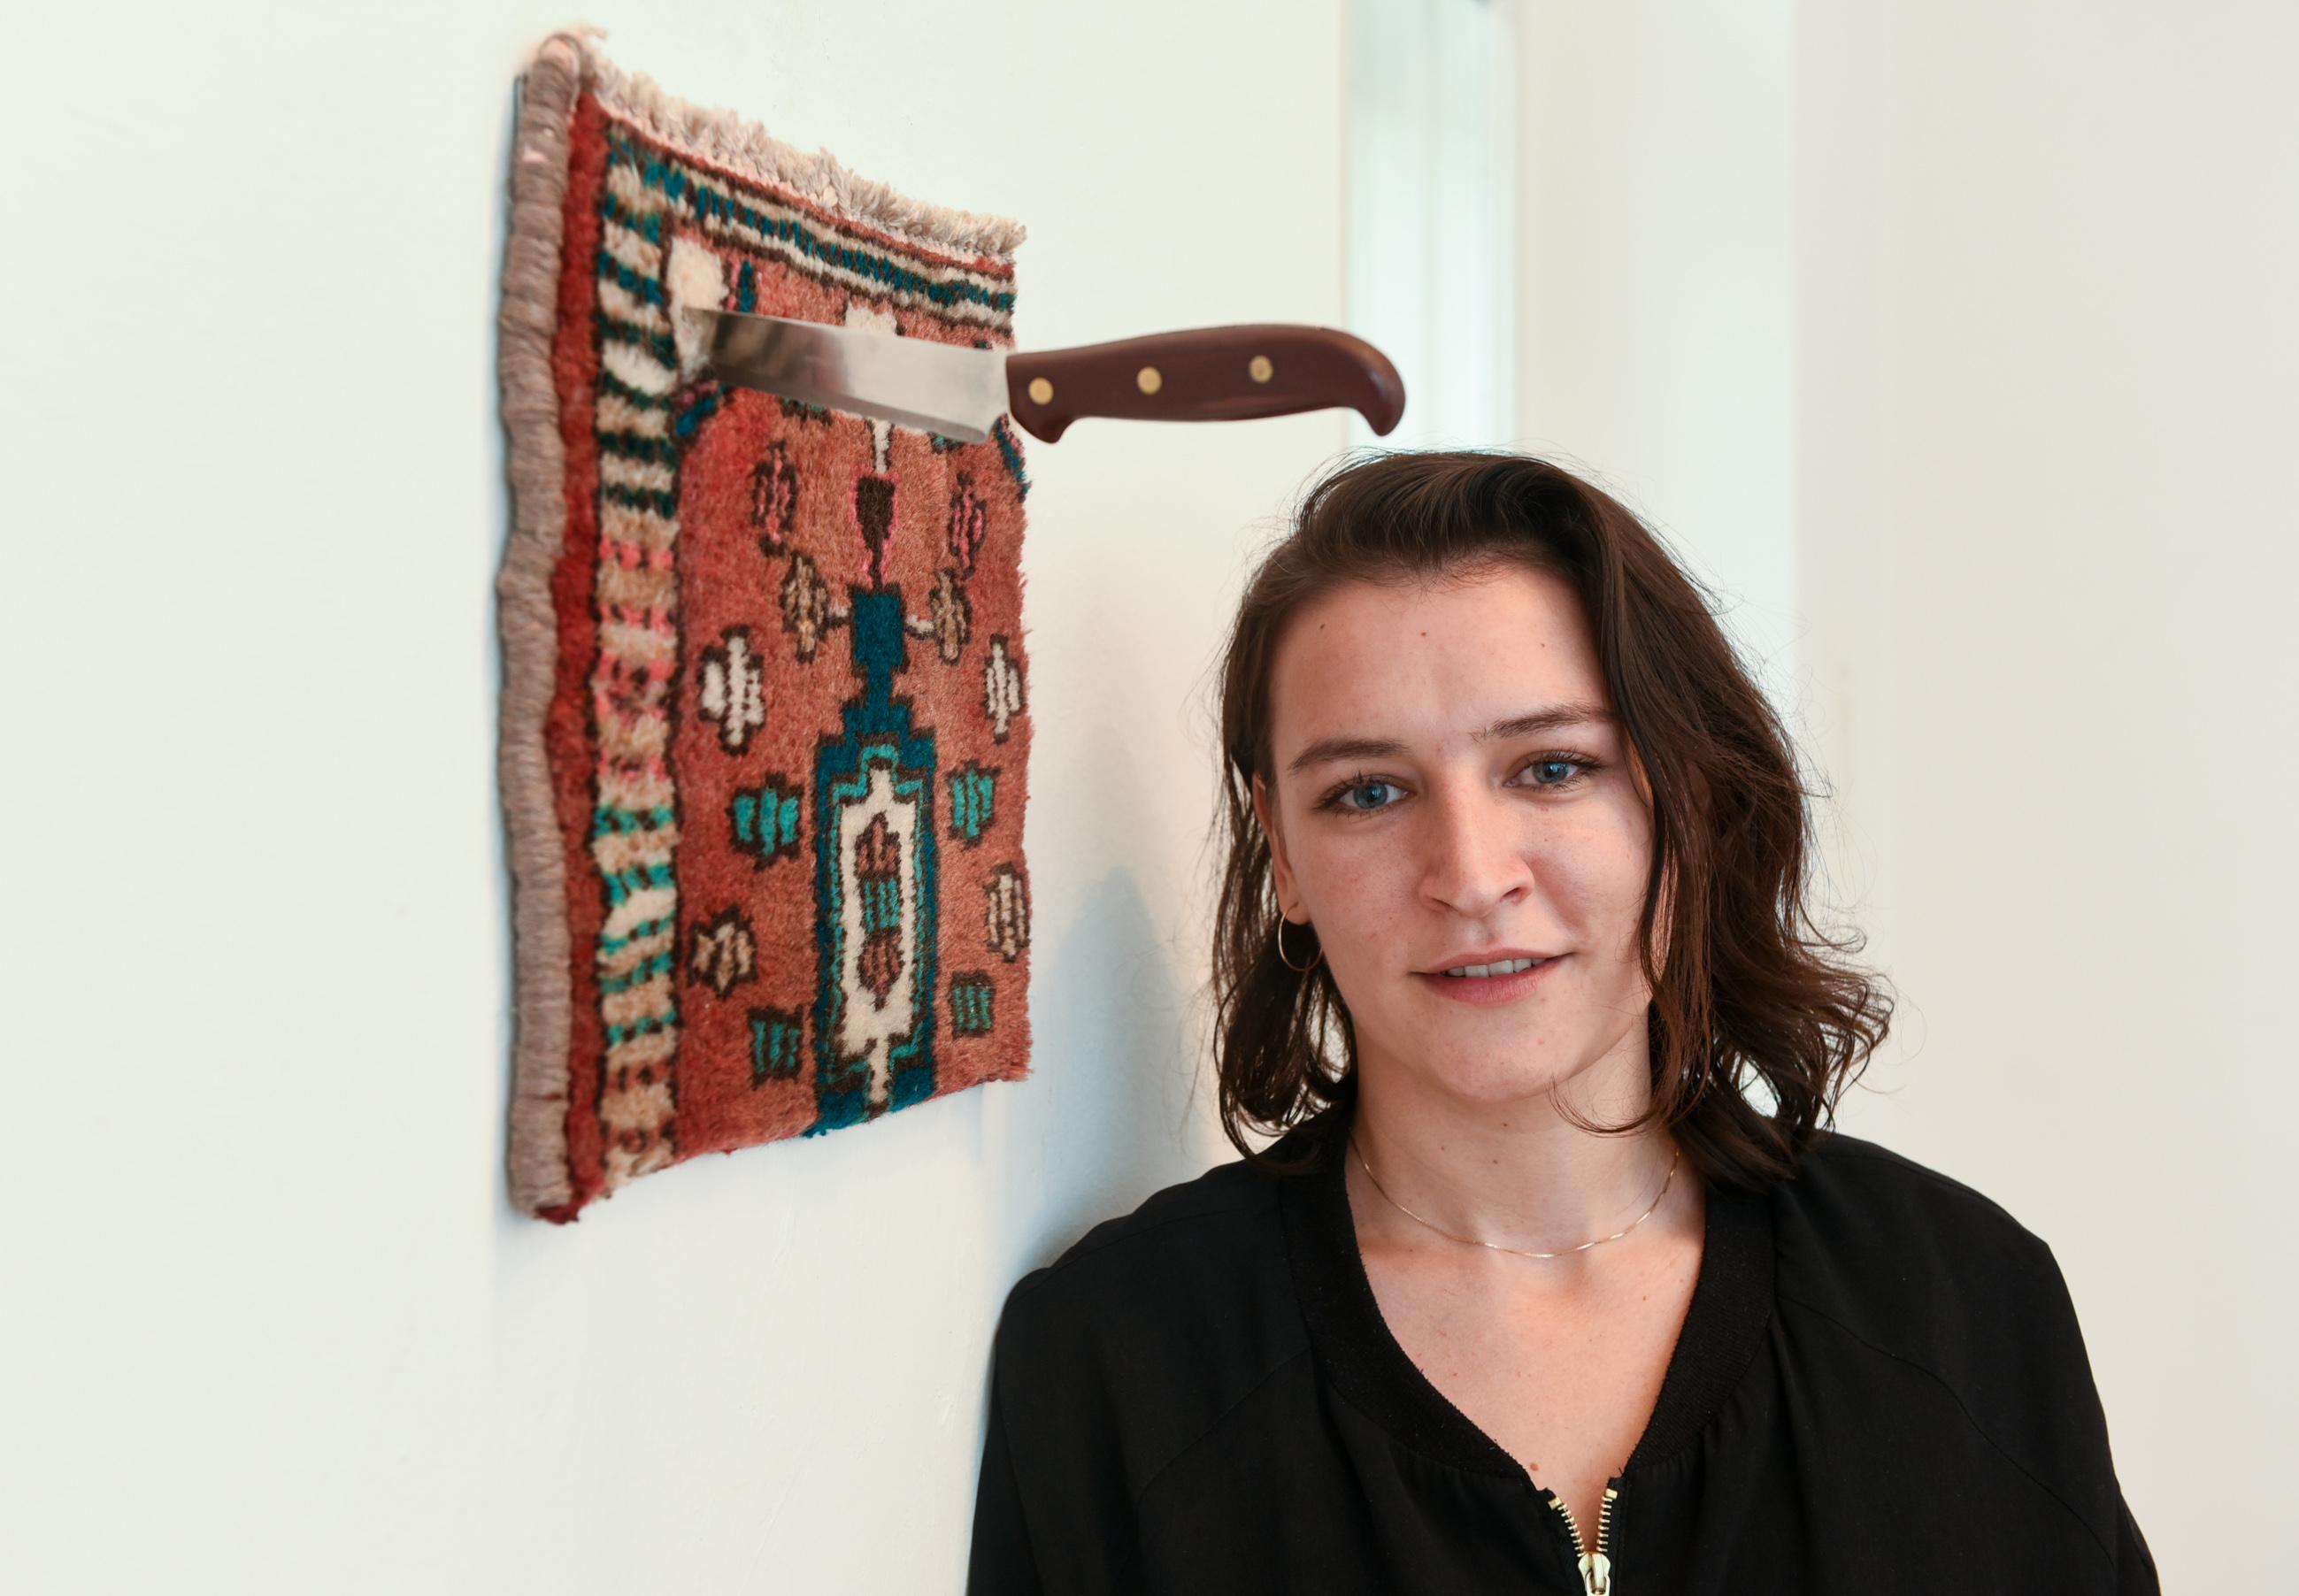 Galerie3 | BA Kunstpreis 2018 | Rikki Werdenigg | Foto: Ferdinand Neumüller Galerie3